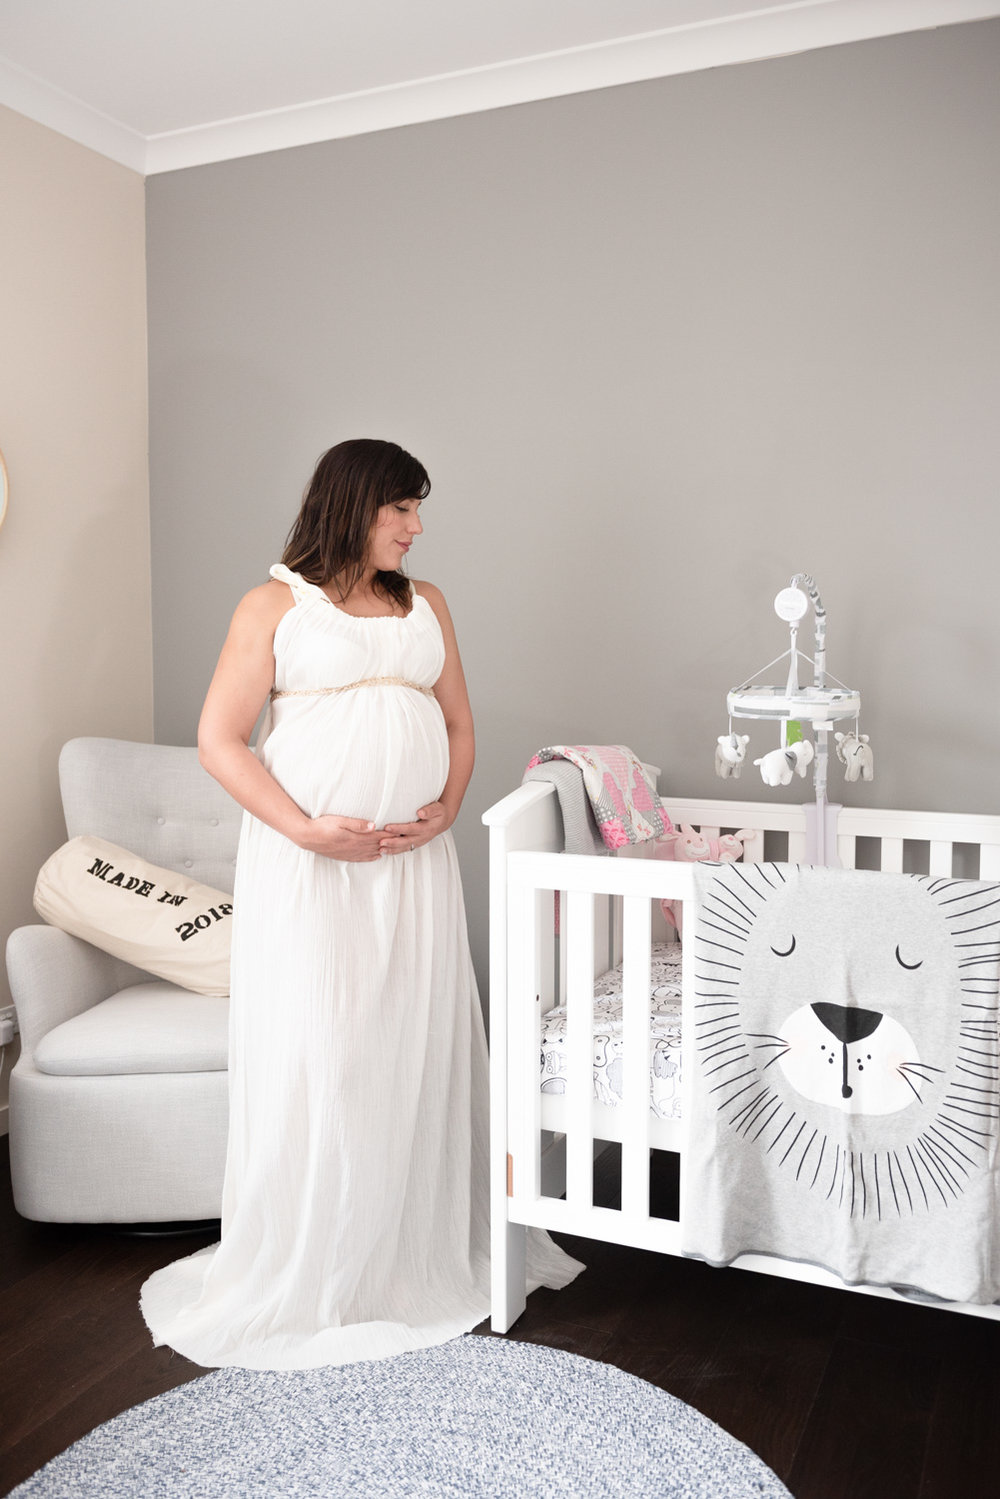 20181003-111552-shana_maternity-37weeks.jpg